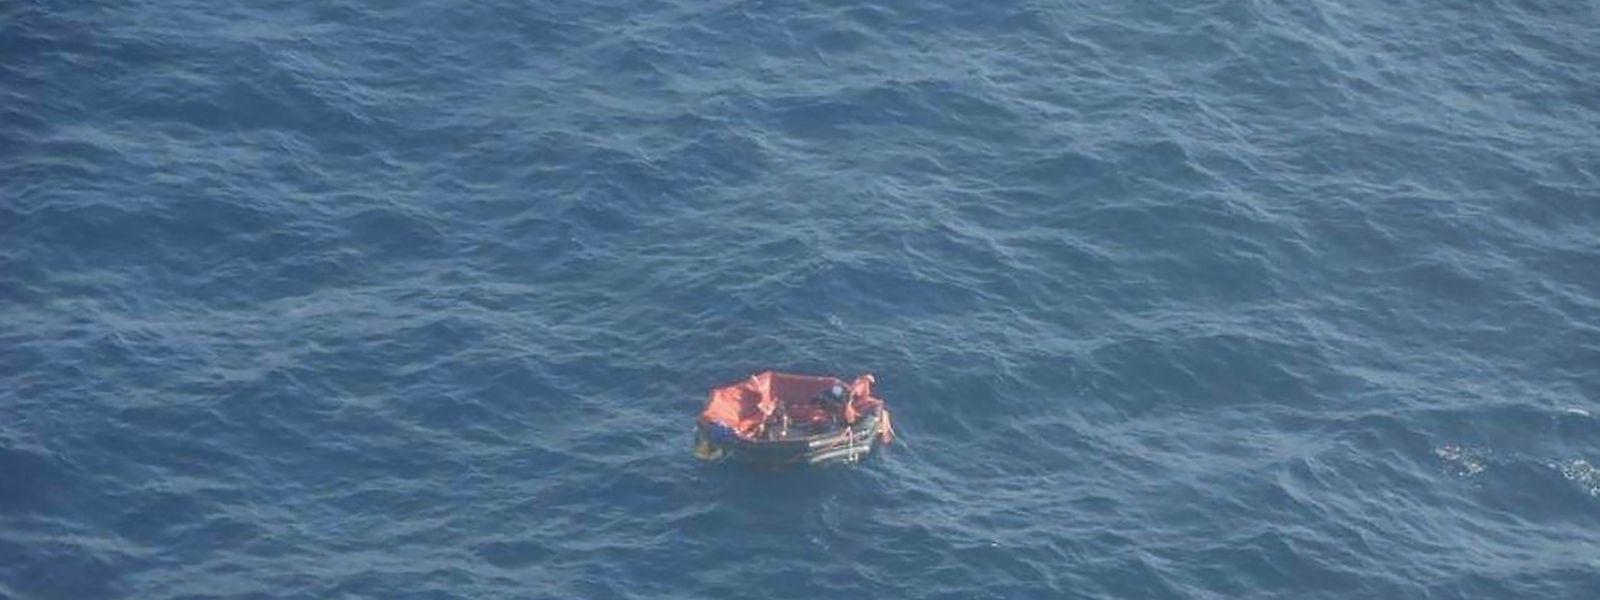 Die Rettungsinsel, aus der drei Seeleute lebend gerettet werden konnten.